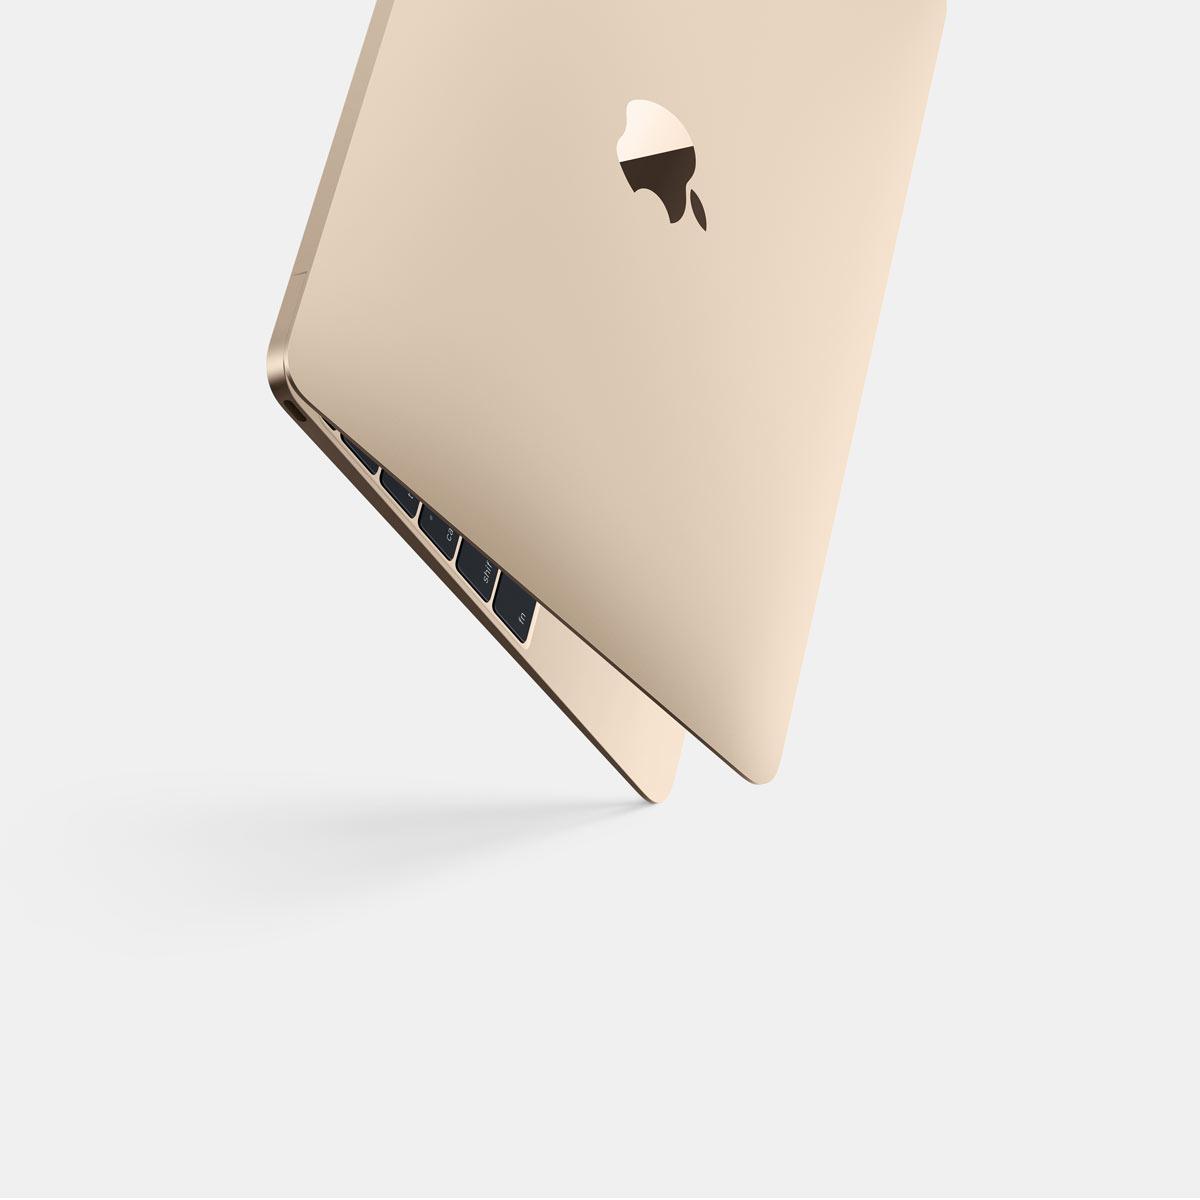 Cómo comprar un Mac de Apple. ¿Qué tengo que saber?